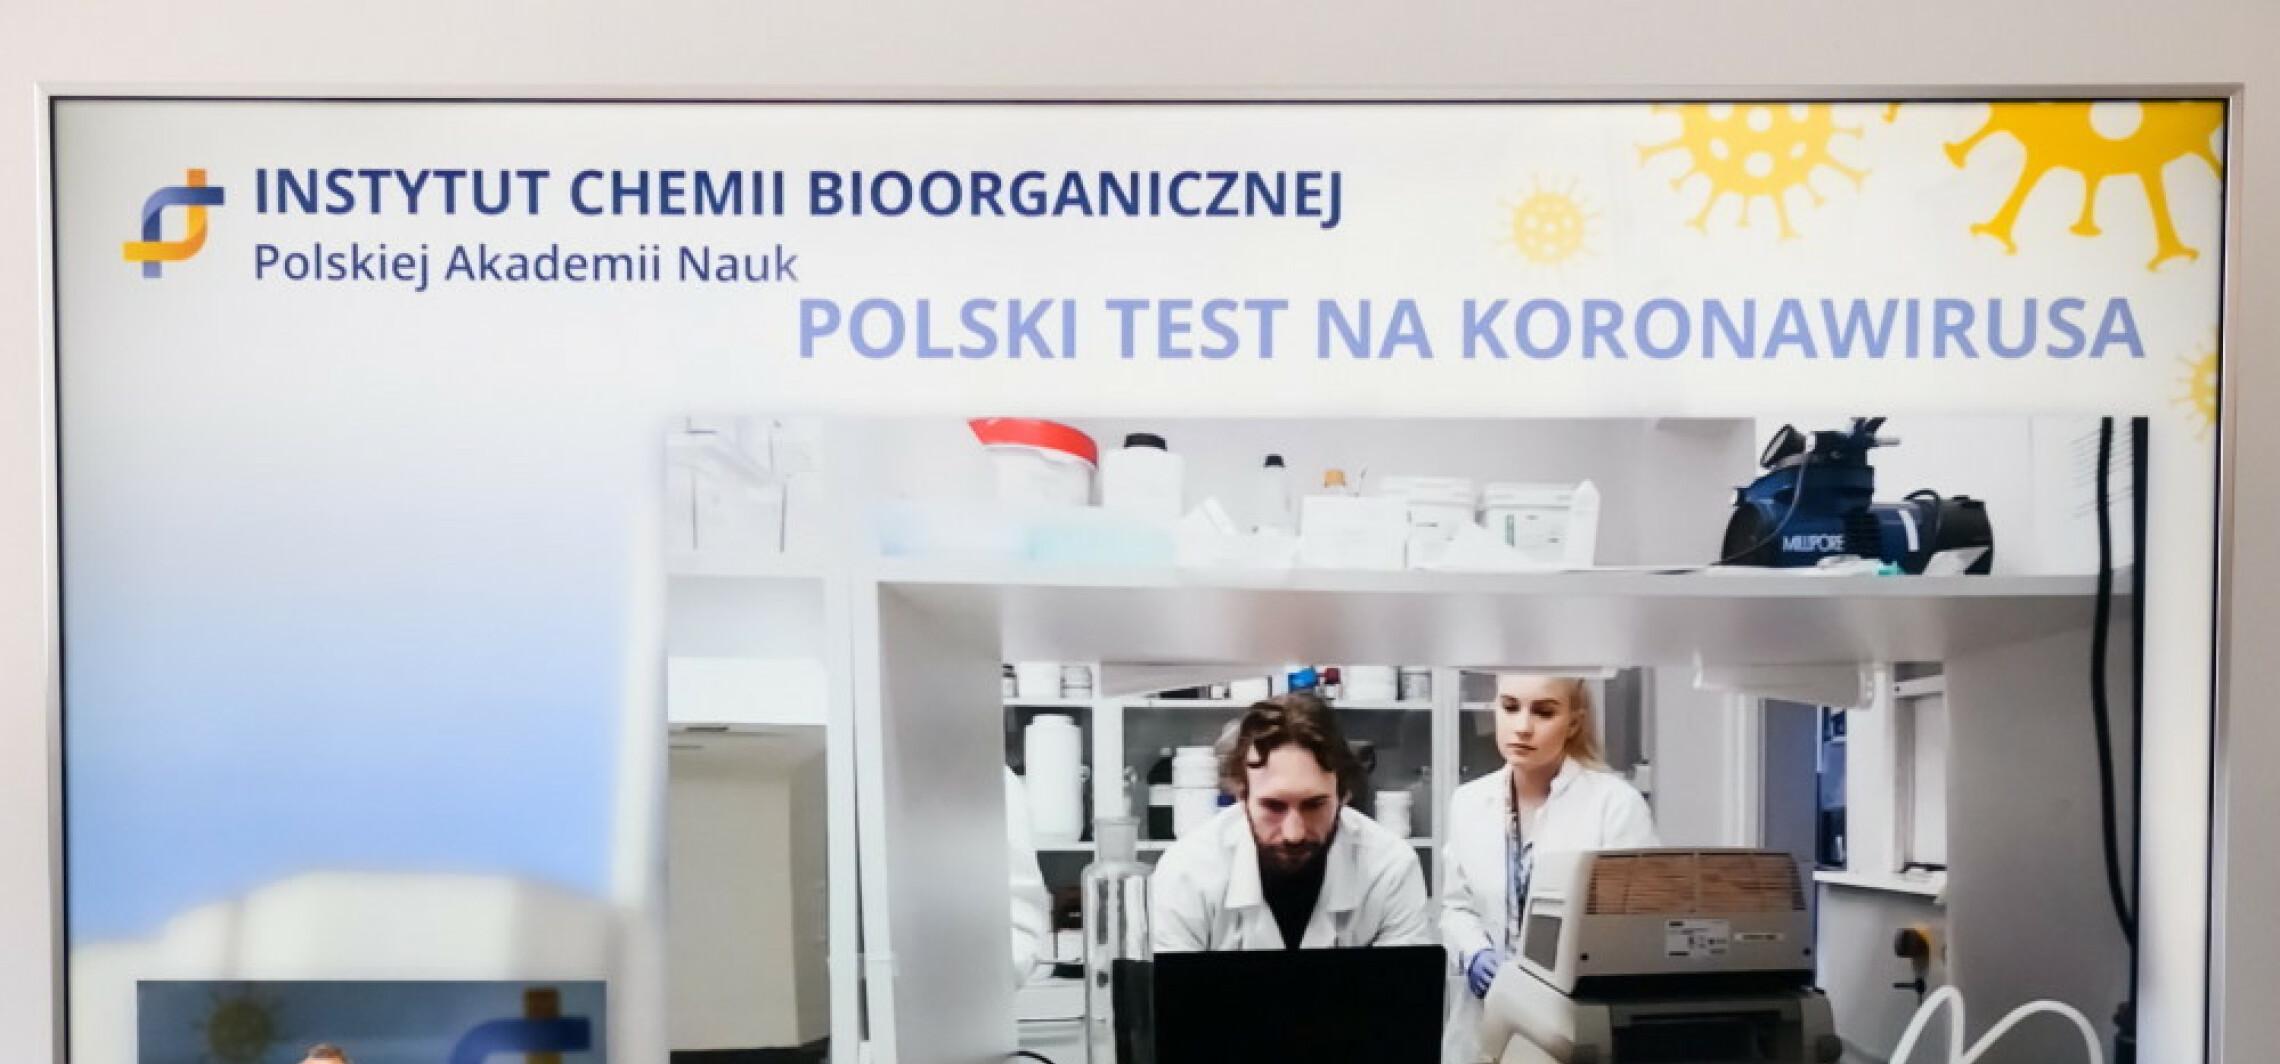 Pierwsze 10 tys. sztuk polskiego testu na SARS-CoV-2 w przyszłym tygodniu